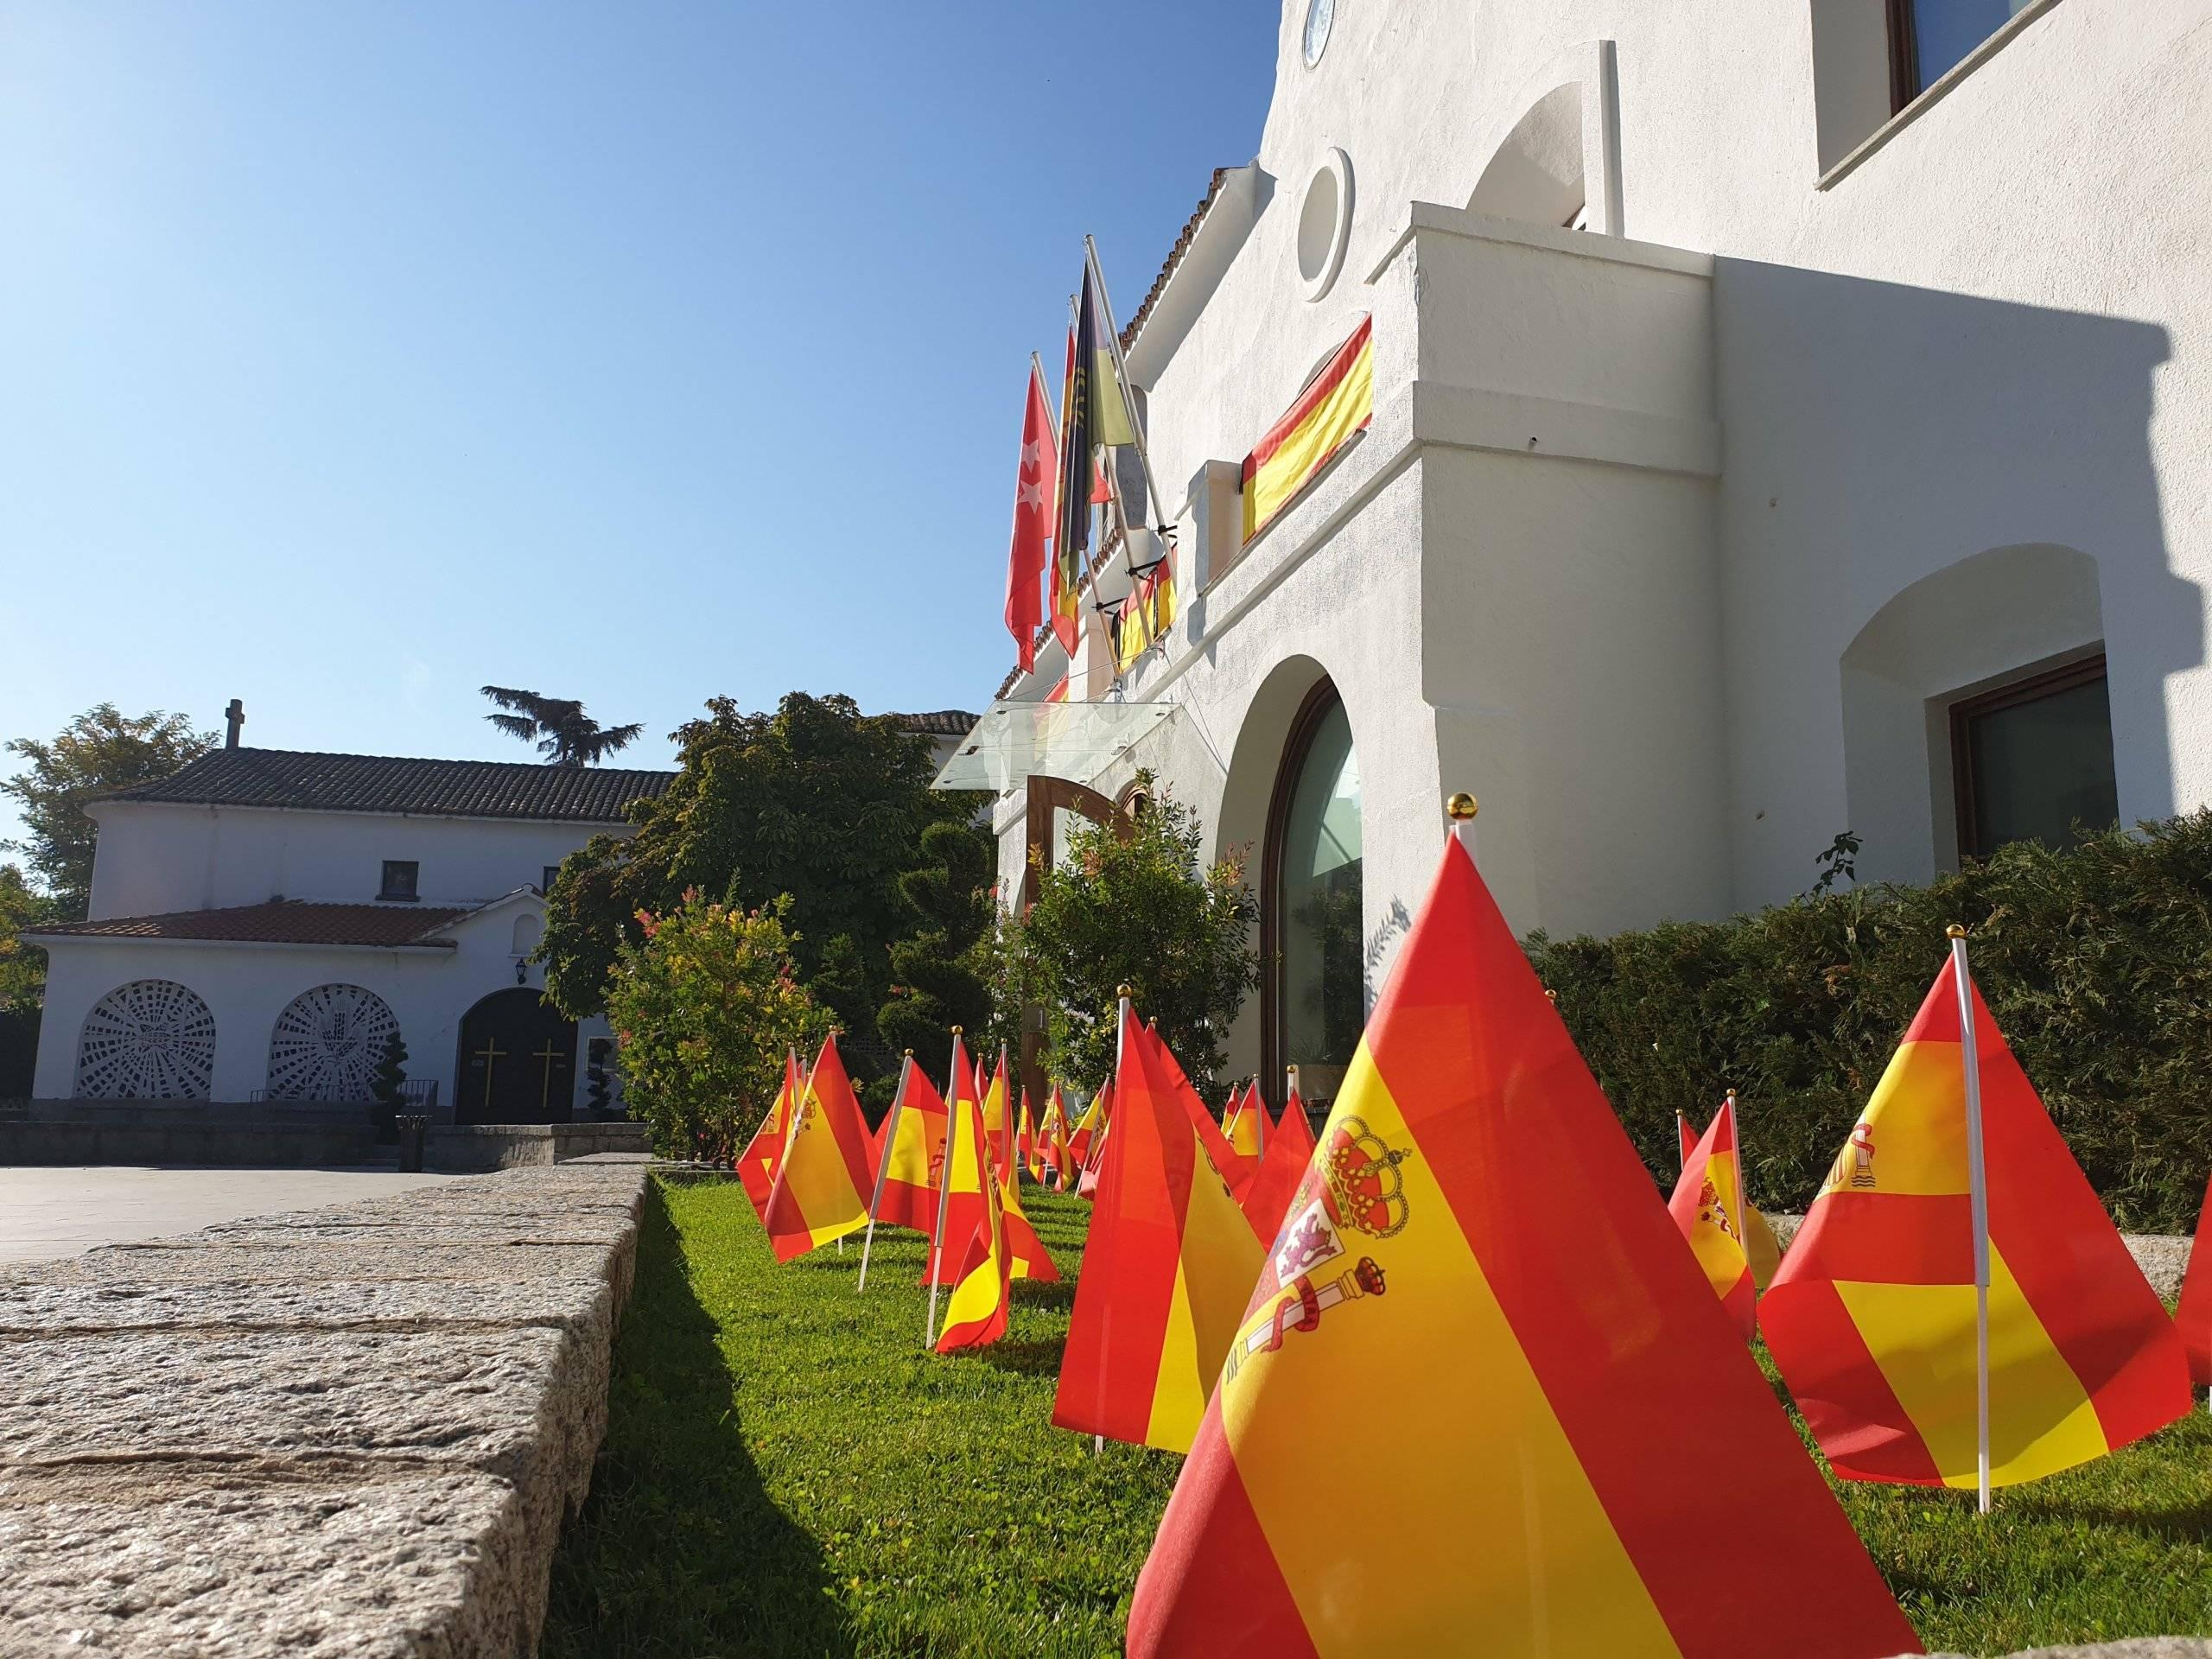 Banderas en la plaza de España.